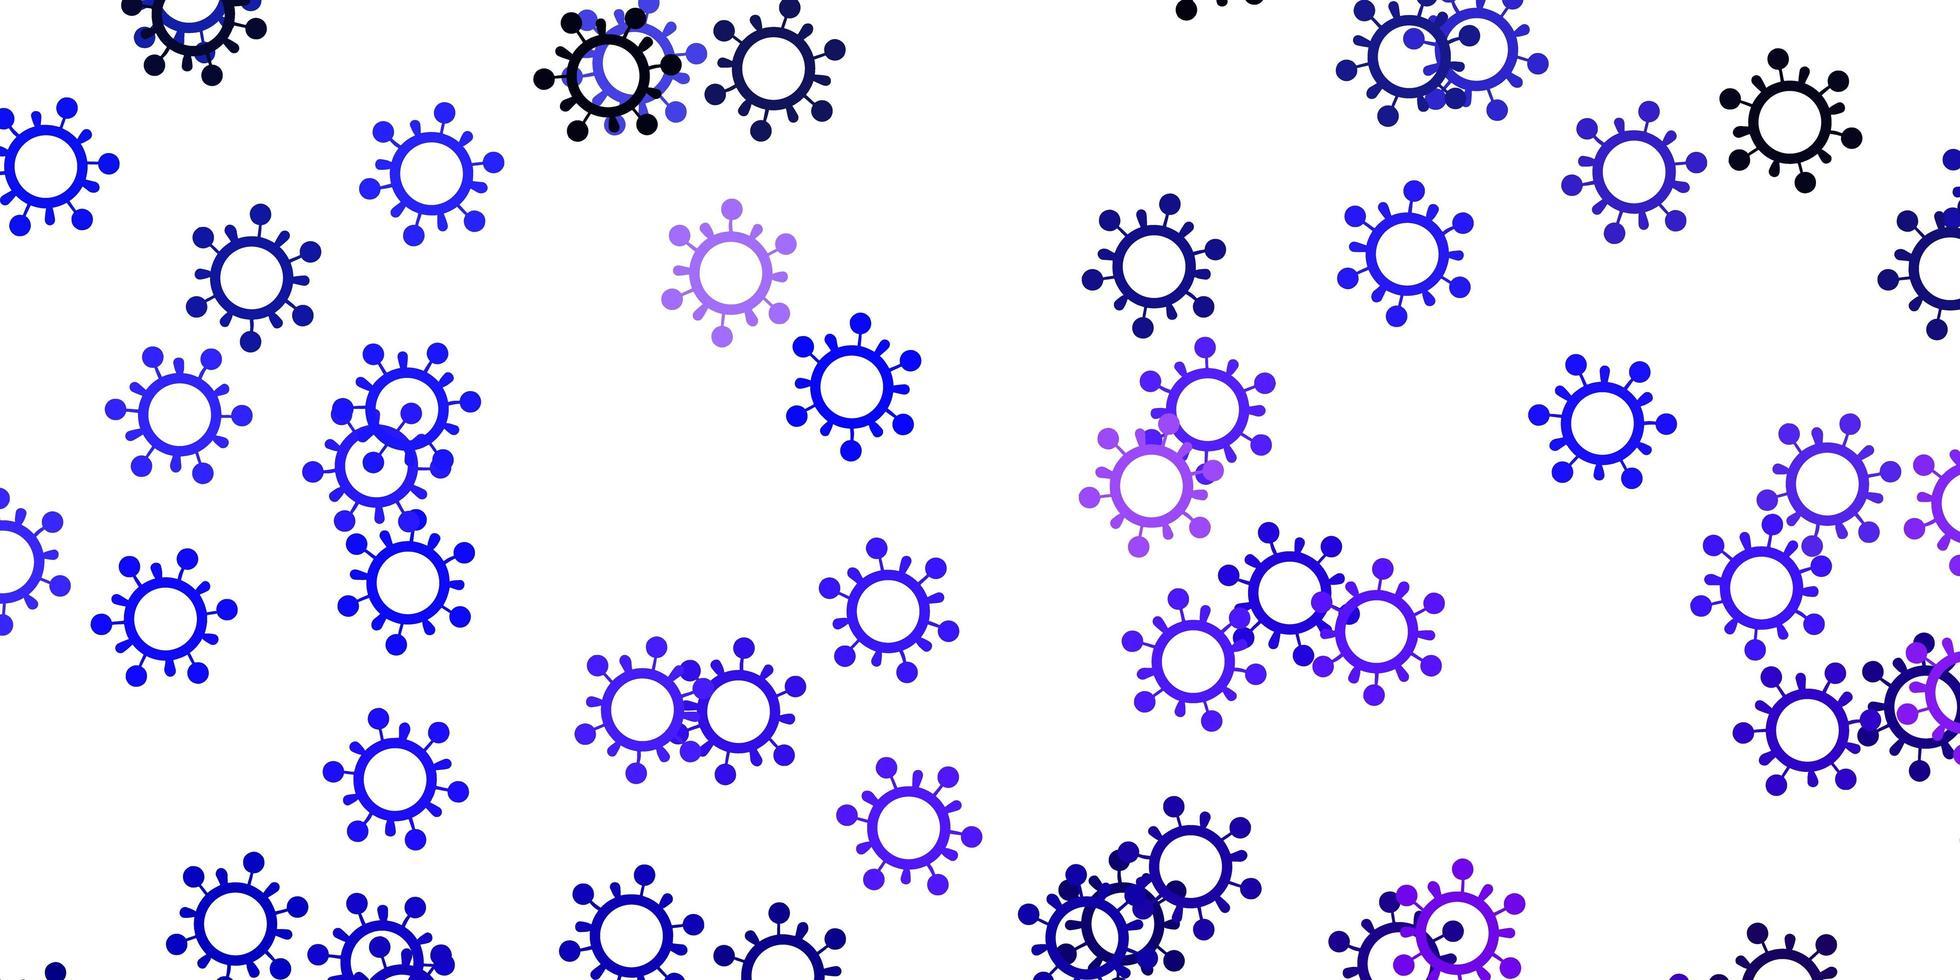 sfondo vettoriale viola chiaro con simboli covid-19.